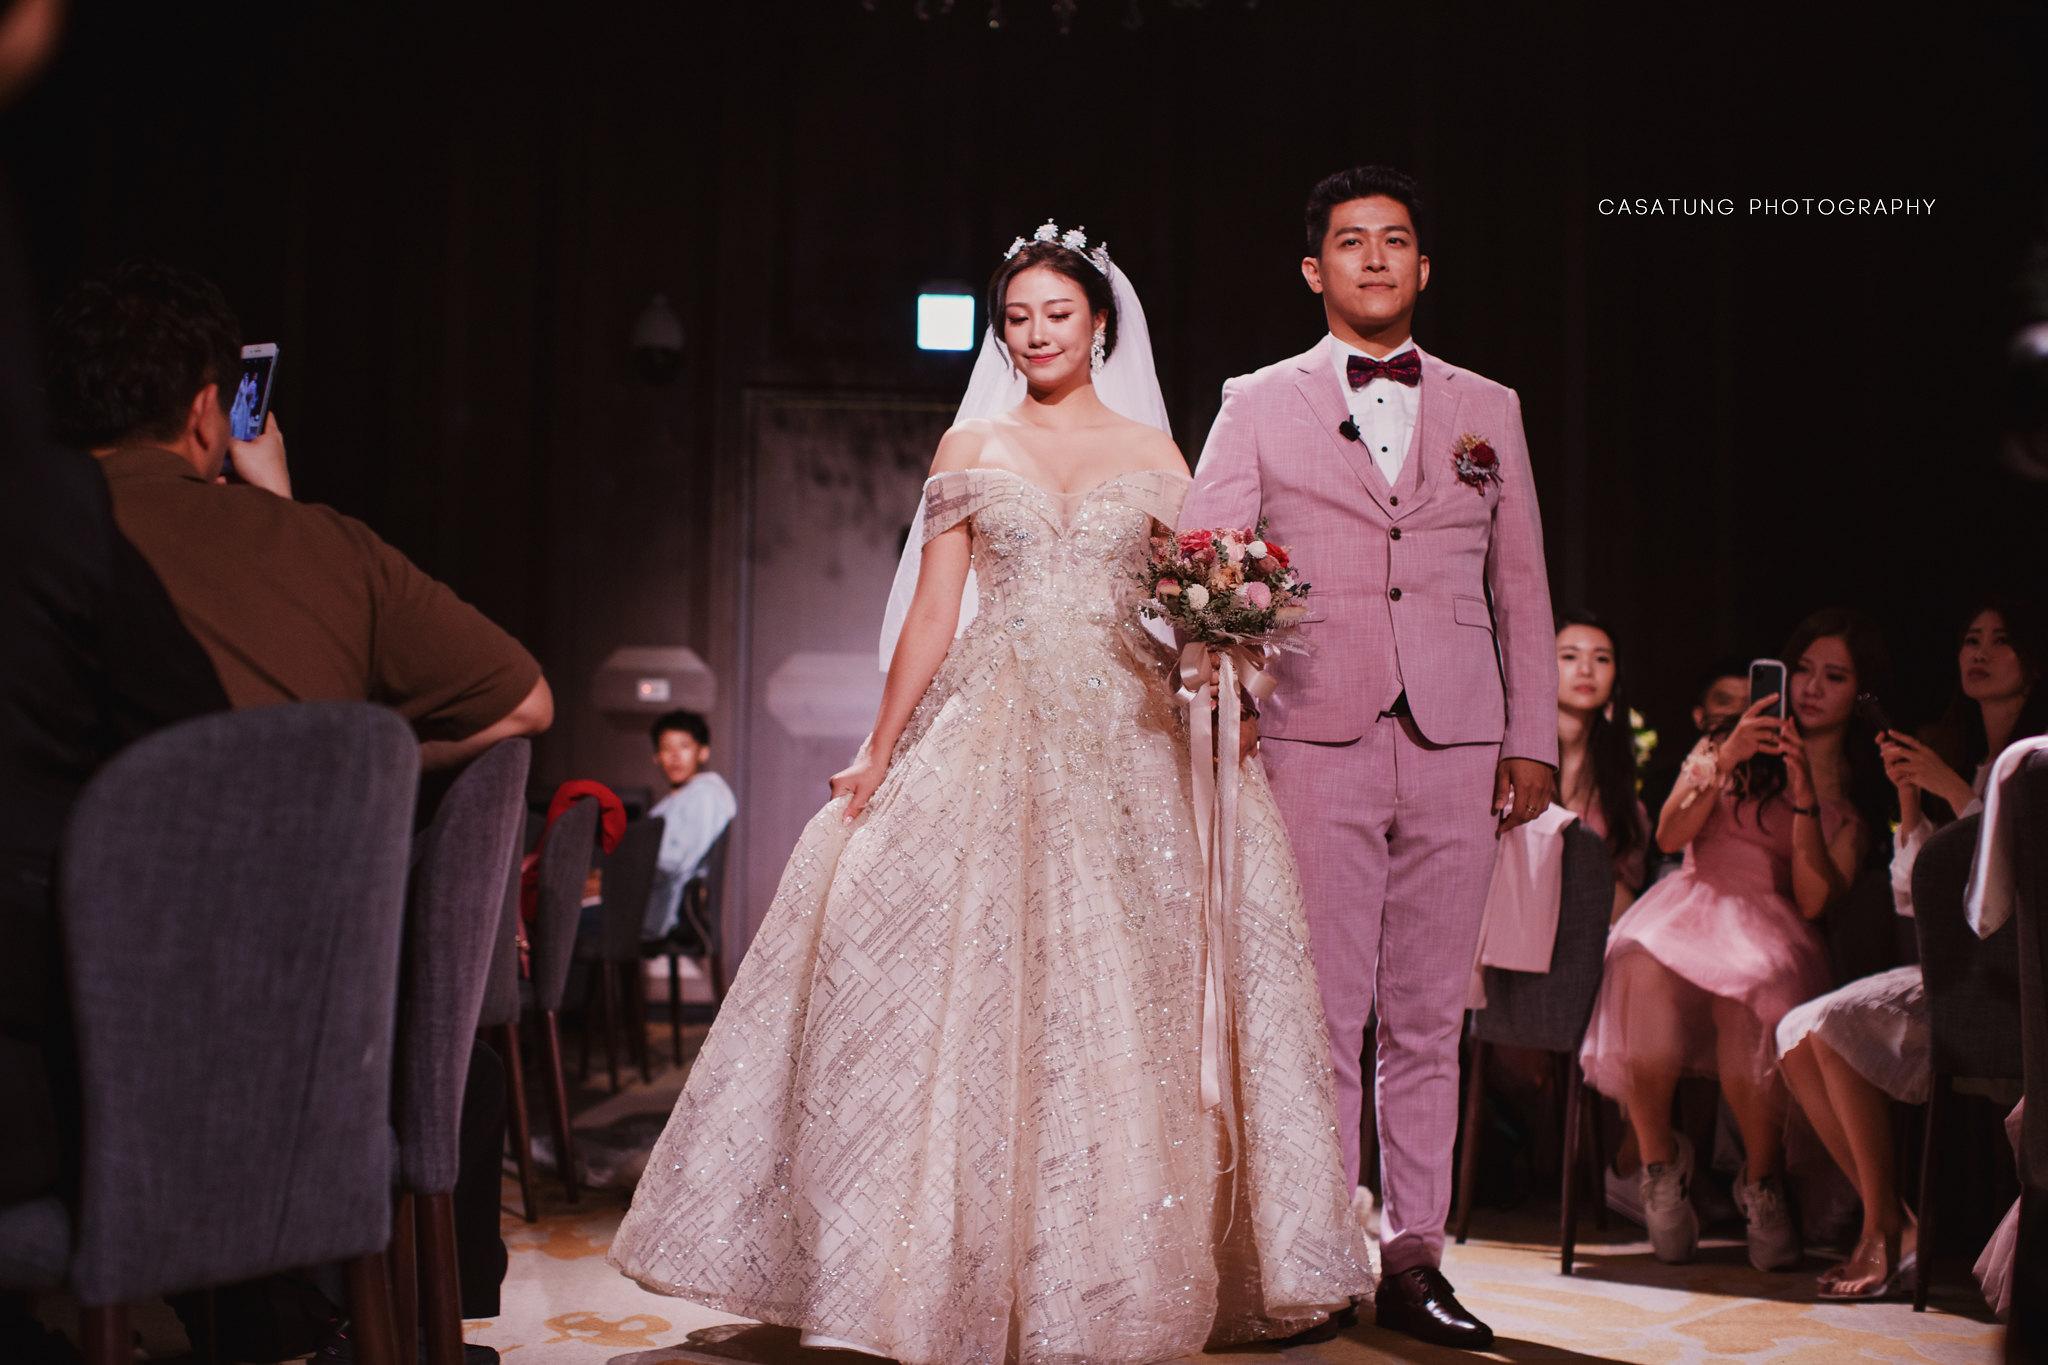 戶外婚禮, 手工婚紗, 台中婚攝, 自助婚紗, 婚紗工作室, 婚紗推薦旋轉木馬, 婚攝推廷, 婚攝CASA, 推薦婚攝, 旋轉木馬婚紗, 萊特維庭婚禮, 禮服出租, lightweeding,萊特薇庭婚攝-111